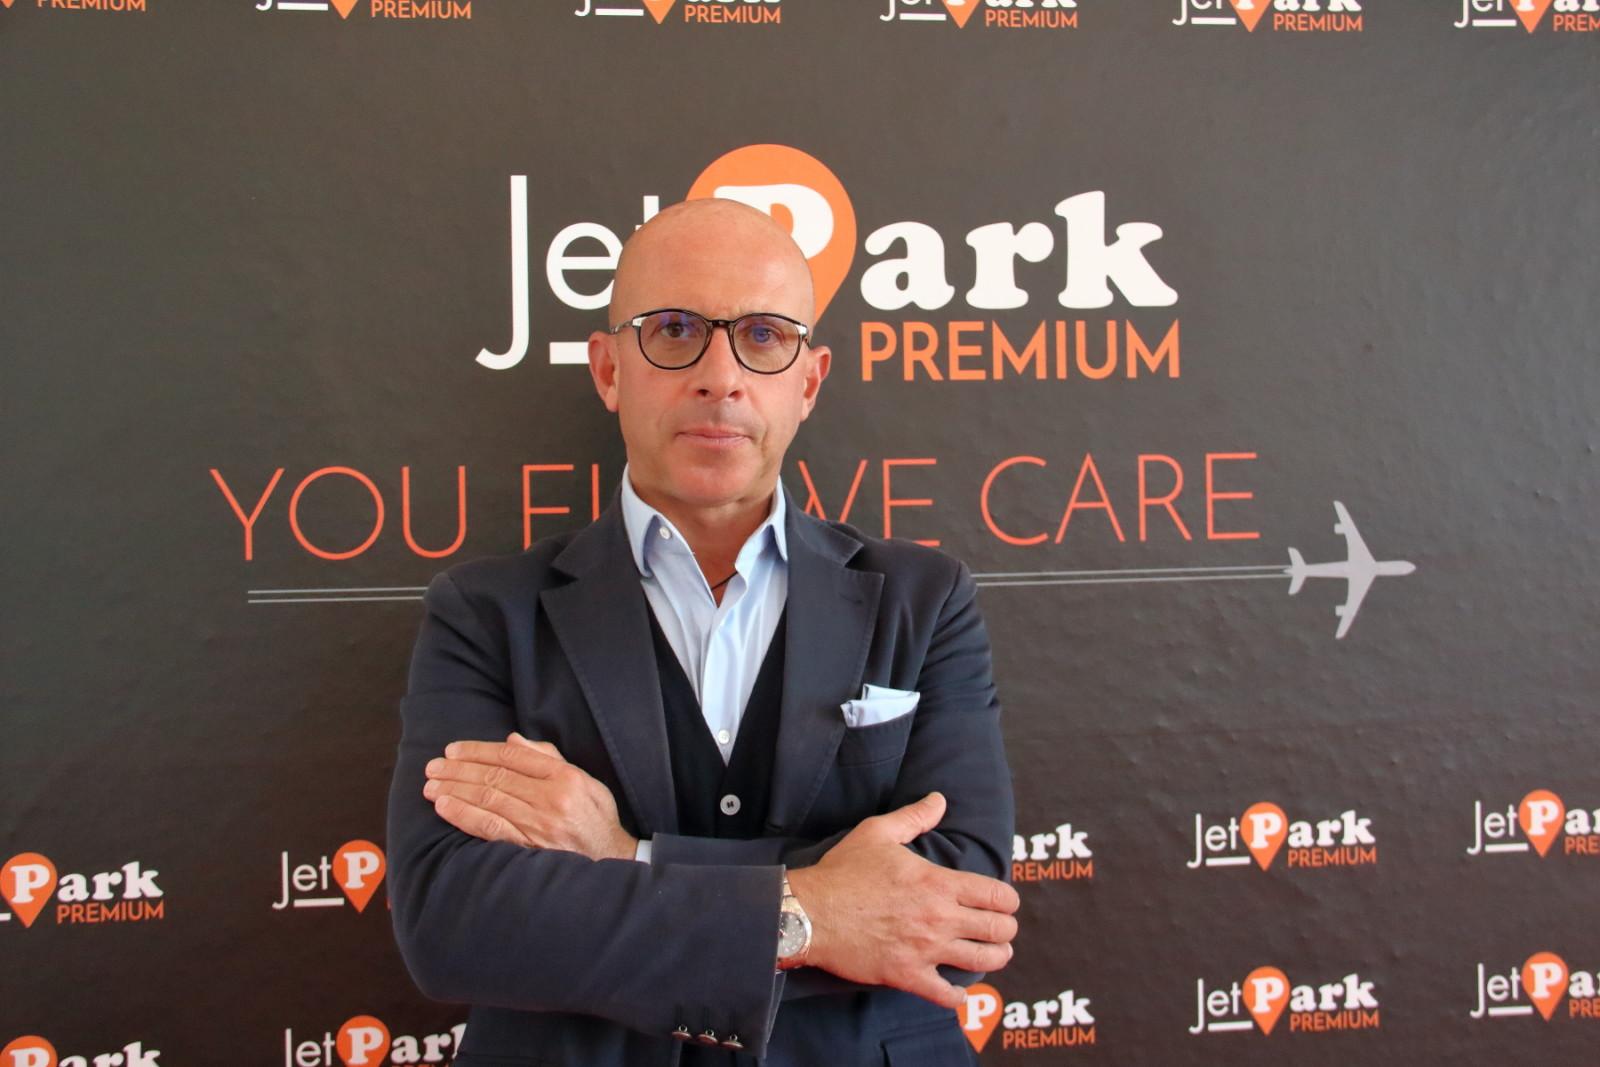 JetPark Premium09 - Sempione News